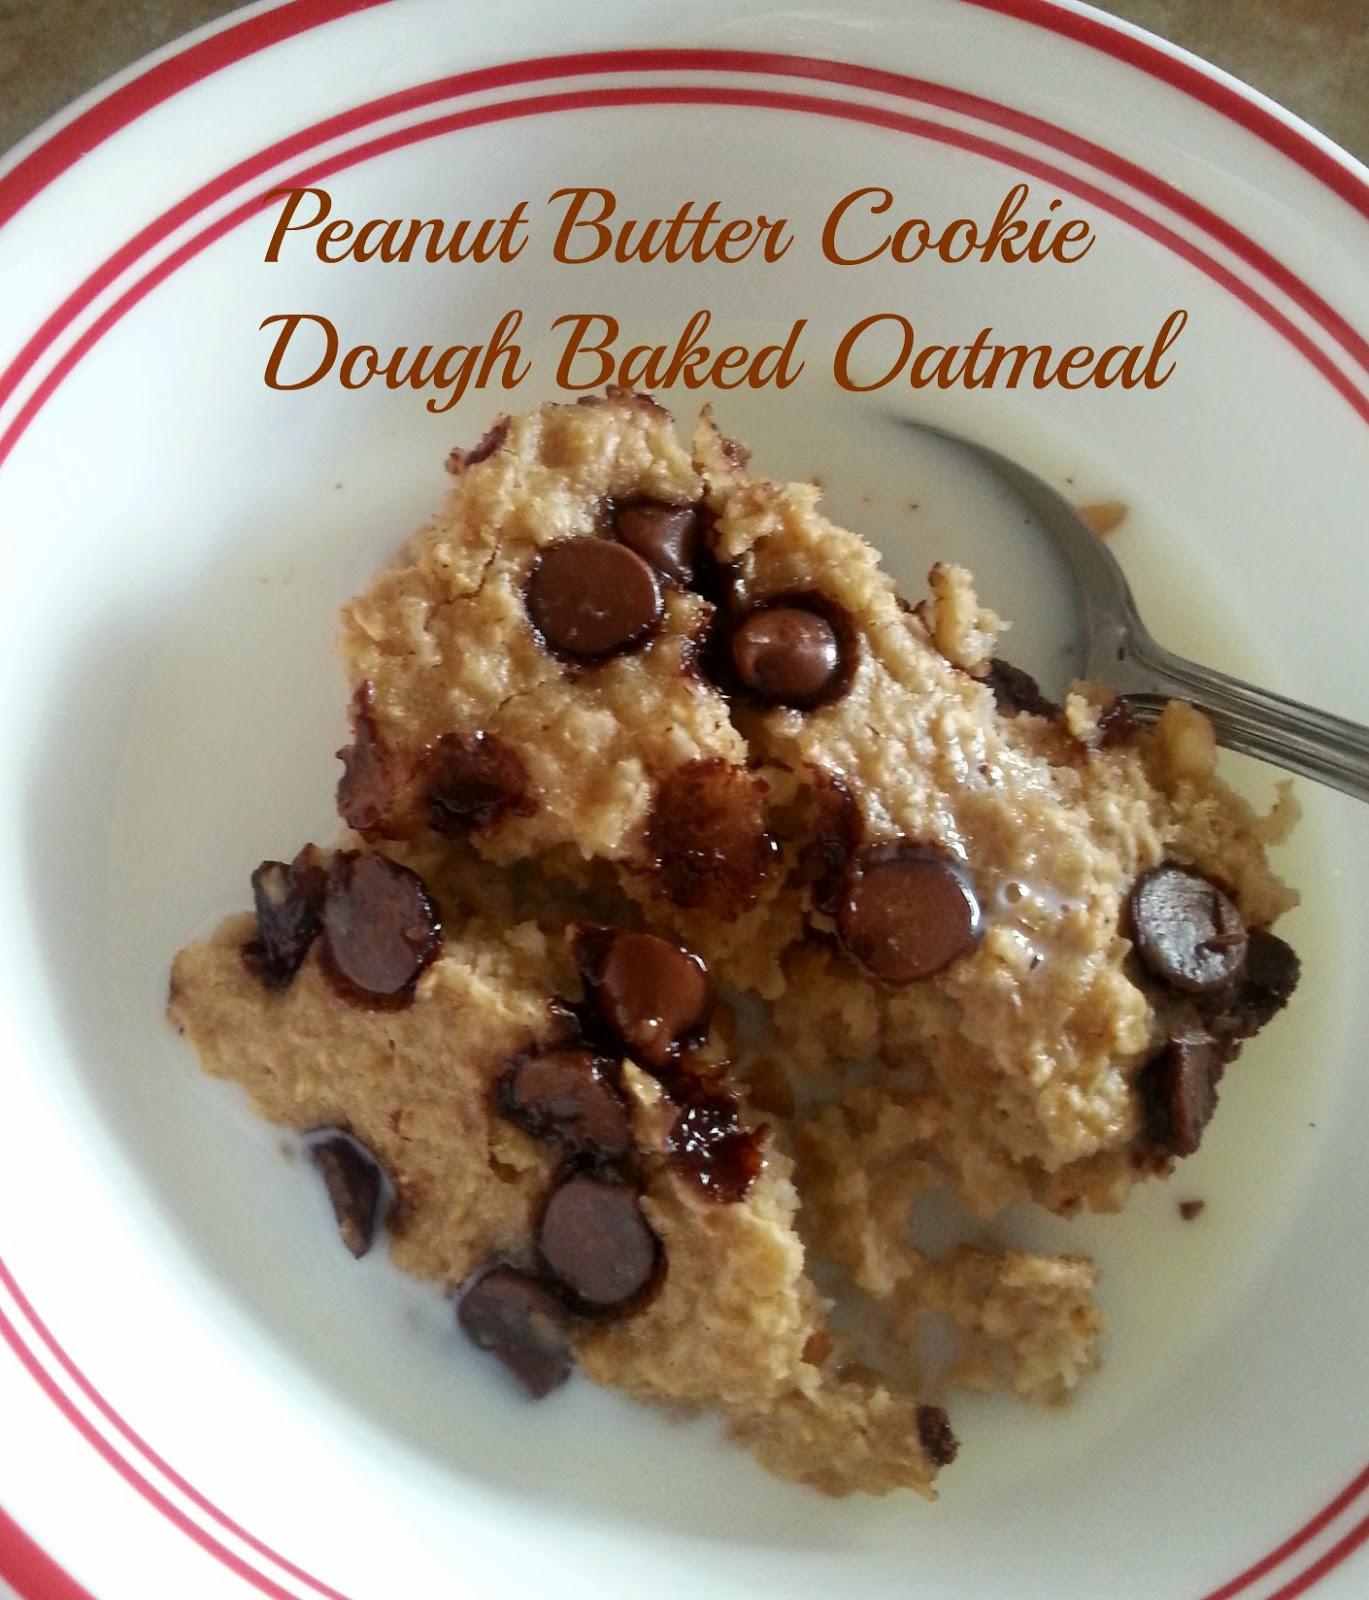 The Better Baker: Peanut Butter Cookie Dough Baked Oatmeal